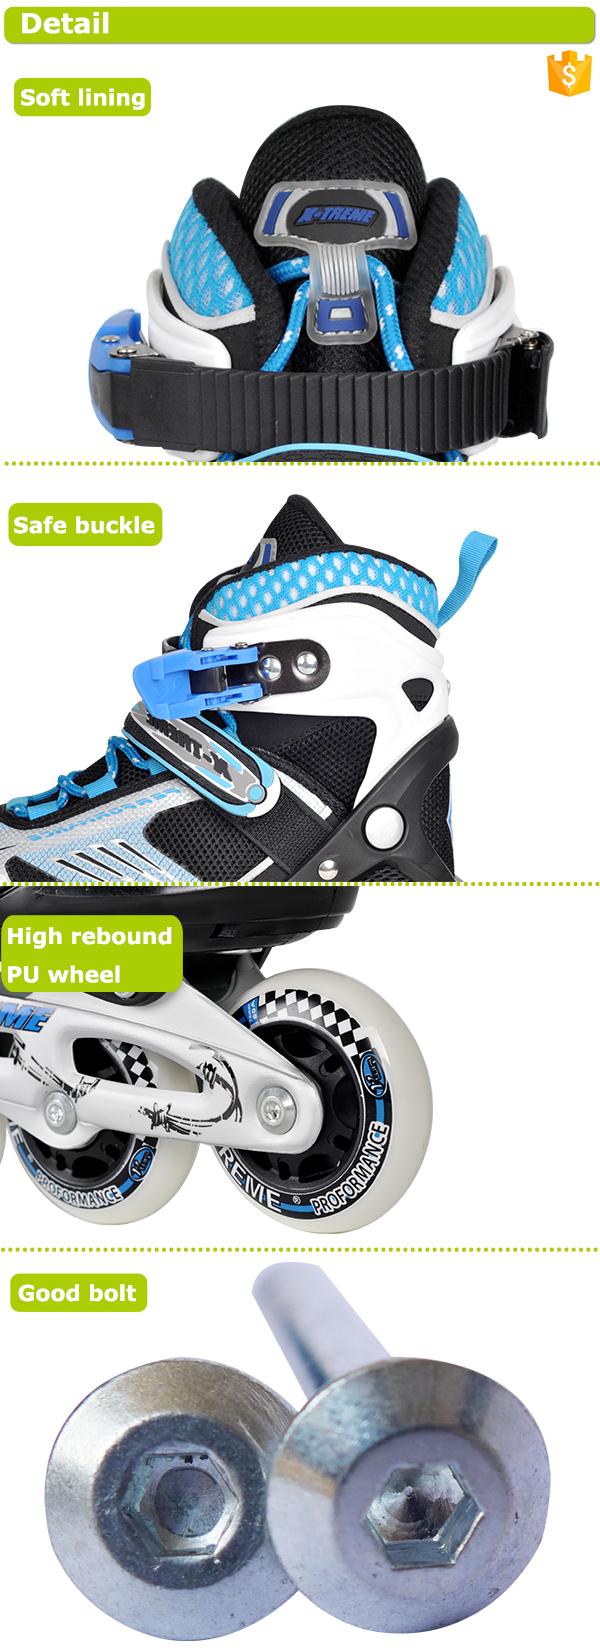 Atacado ajustável alta rebote roda de pu azul crianças patins